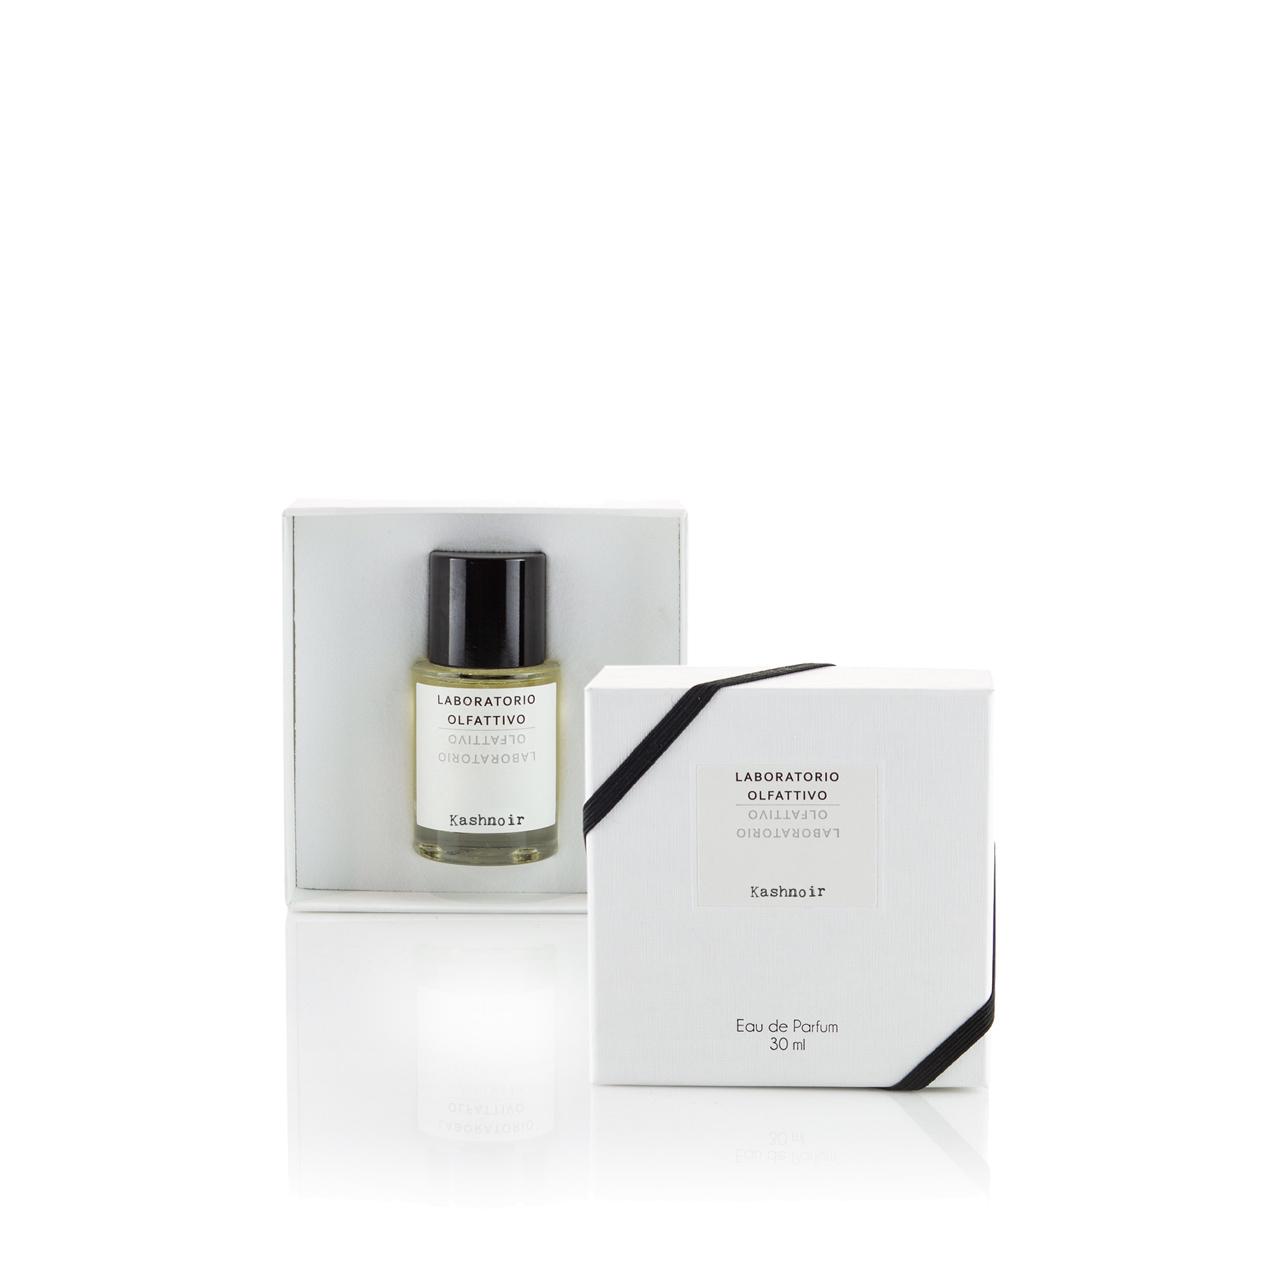 Kashnoir - Eau de Parfum